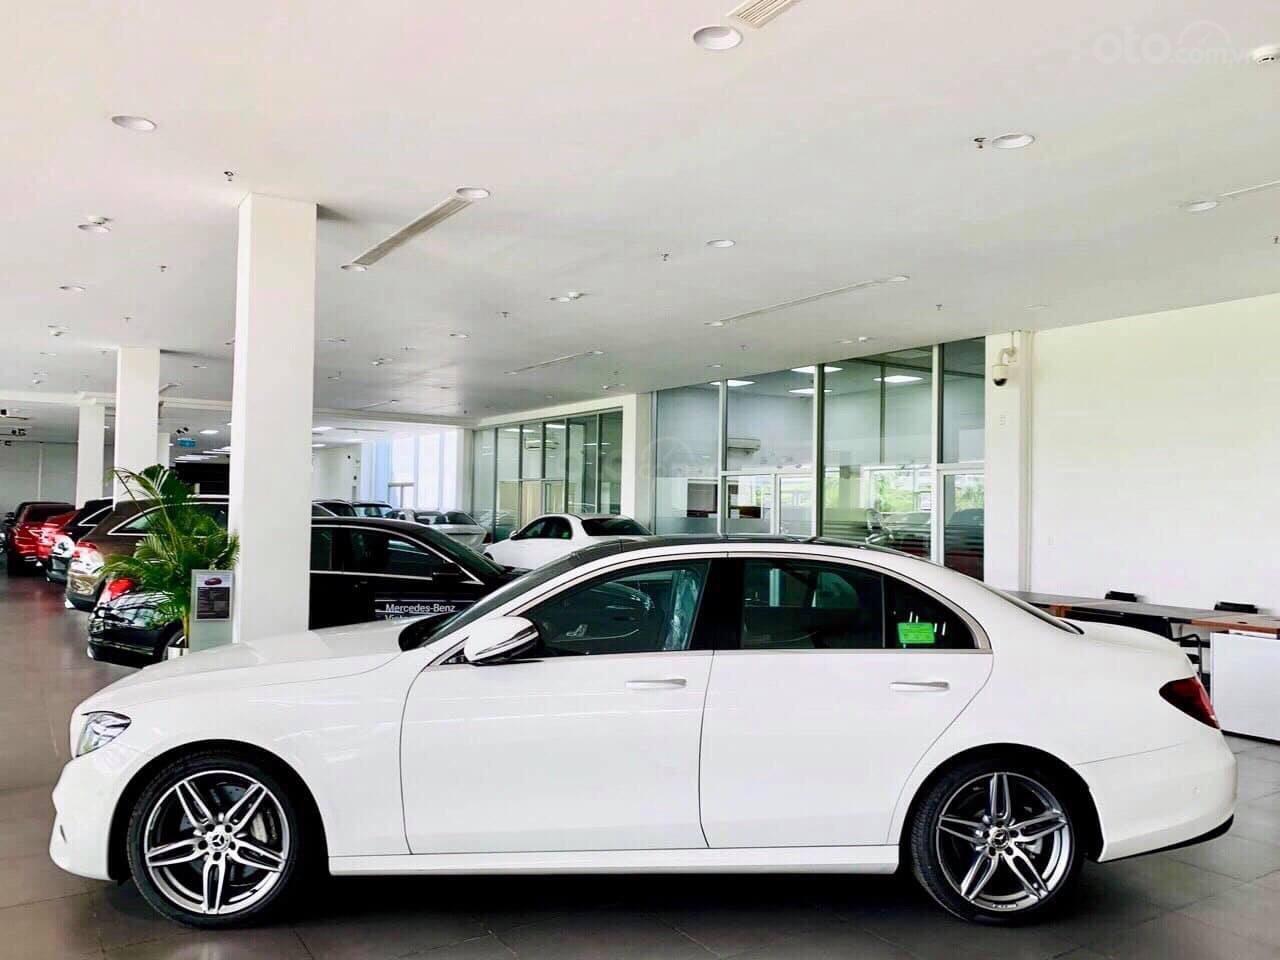 Giá Mercedes E300 AMG 2020, ưu đãi tiền mặt, bảo hiểm, phụ kiện chính hãng tháng 02/2020 (7)